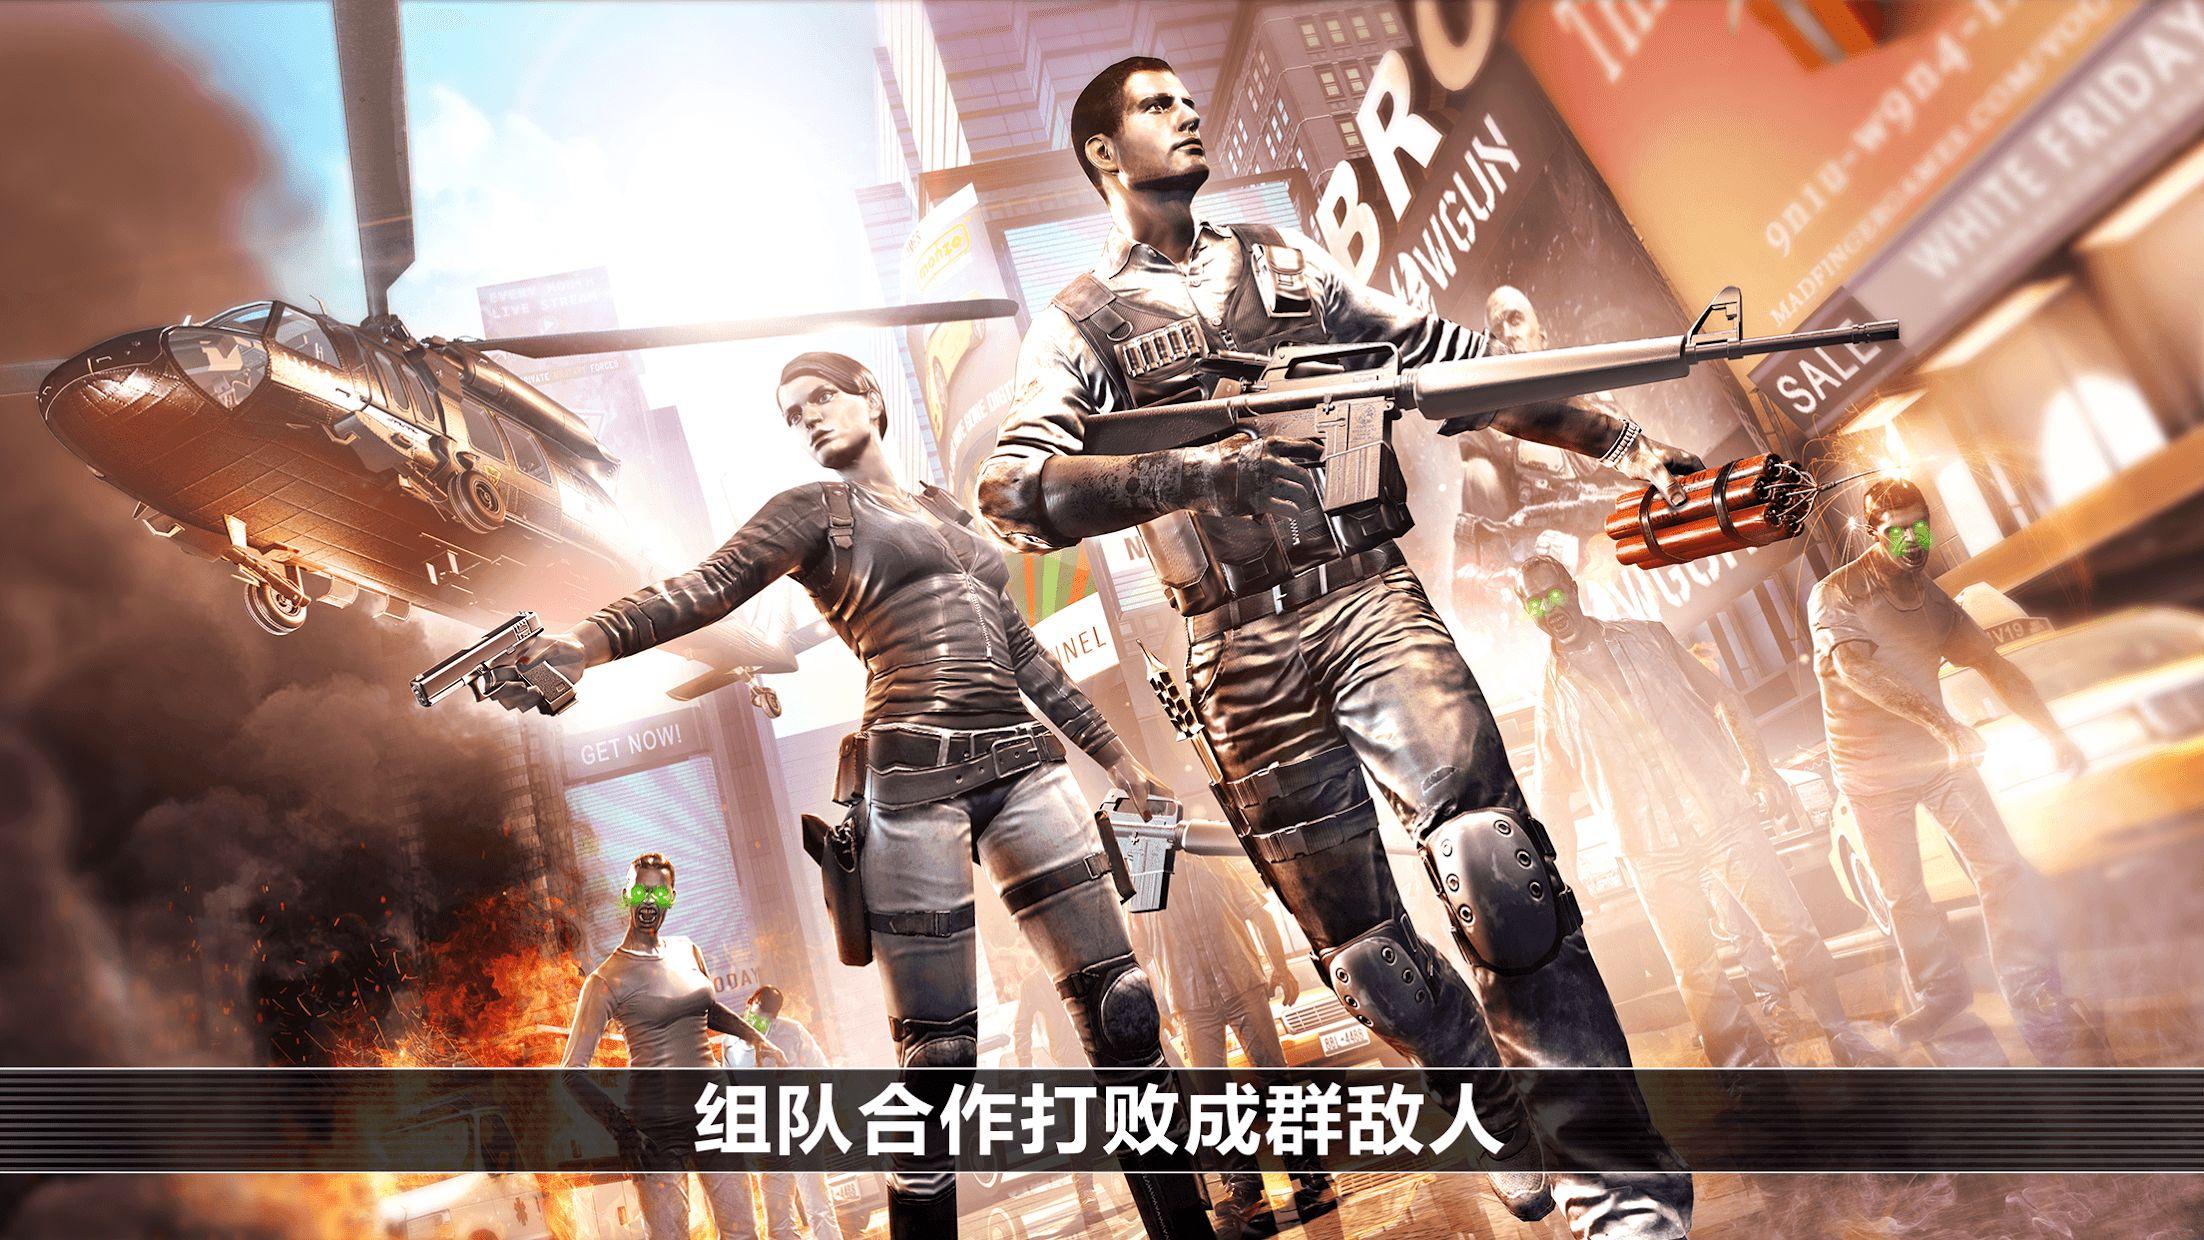 全境危机:都市生存射击游戏 游戏截图3